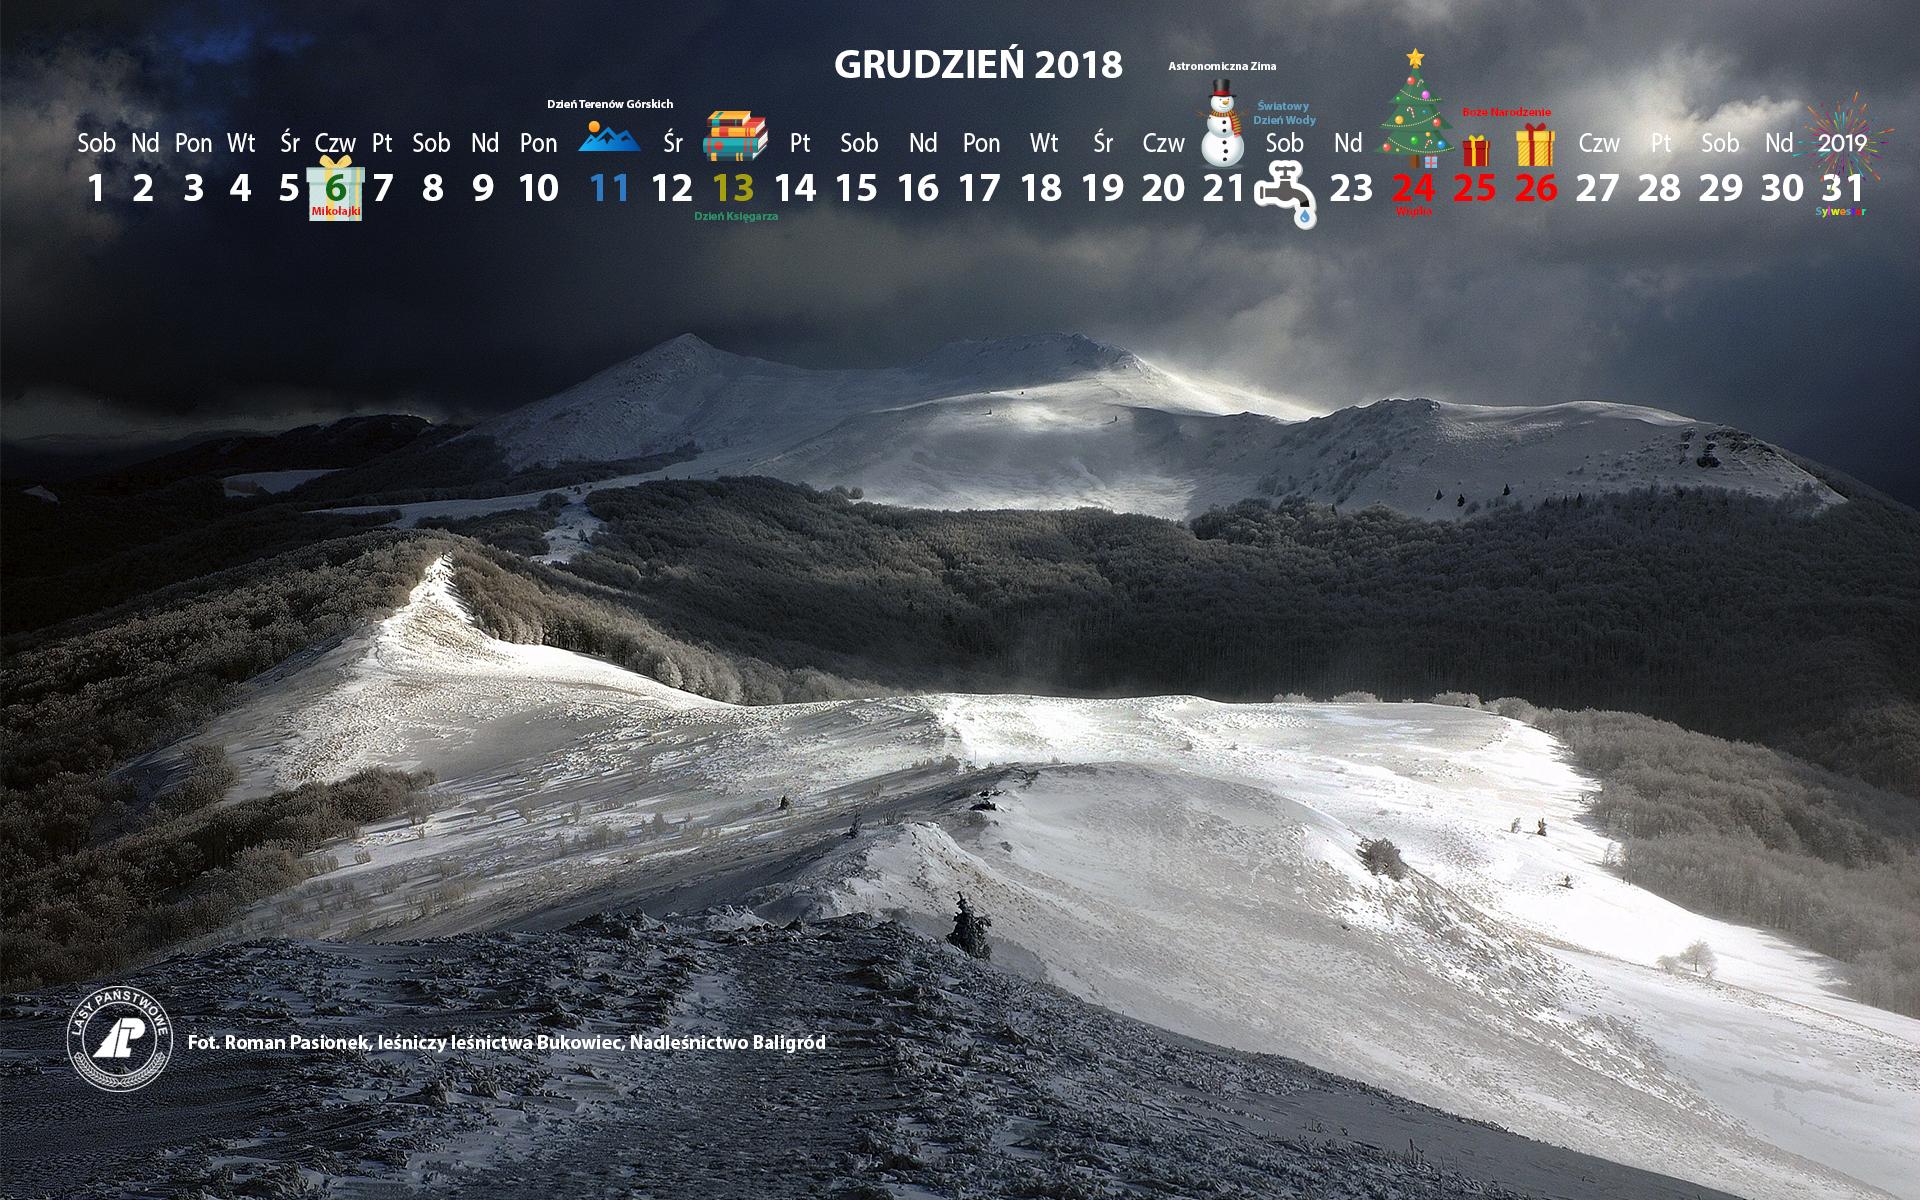 Kalendarz 12 2018 1920x1200.jpg